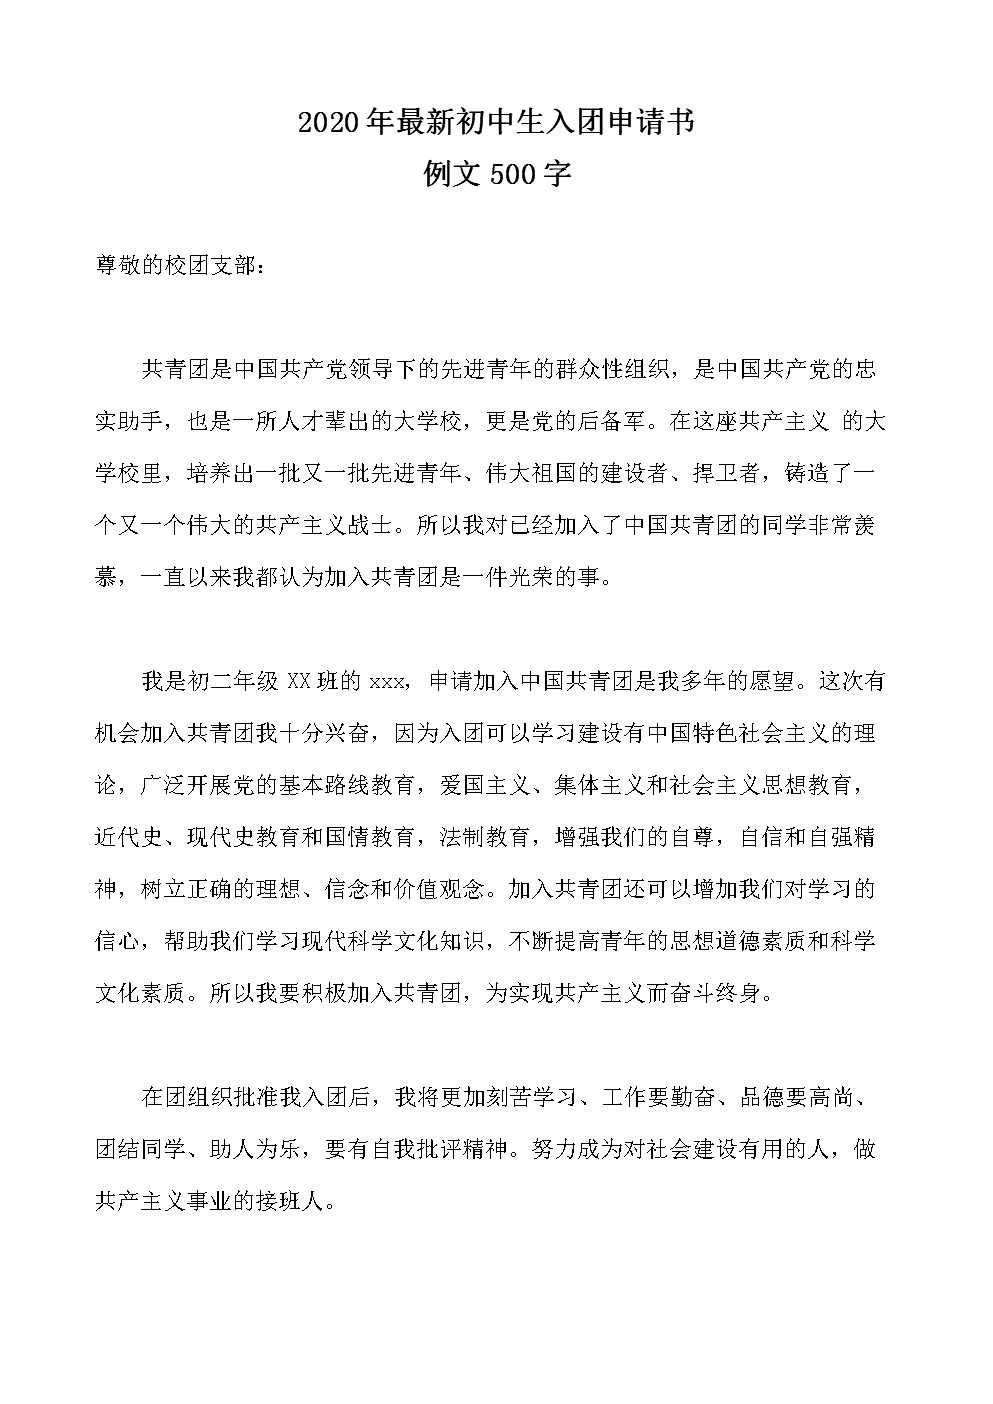 2020年最新初中生入团申请书例文500字.docx